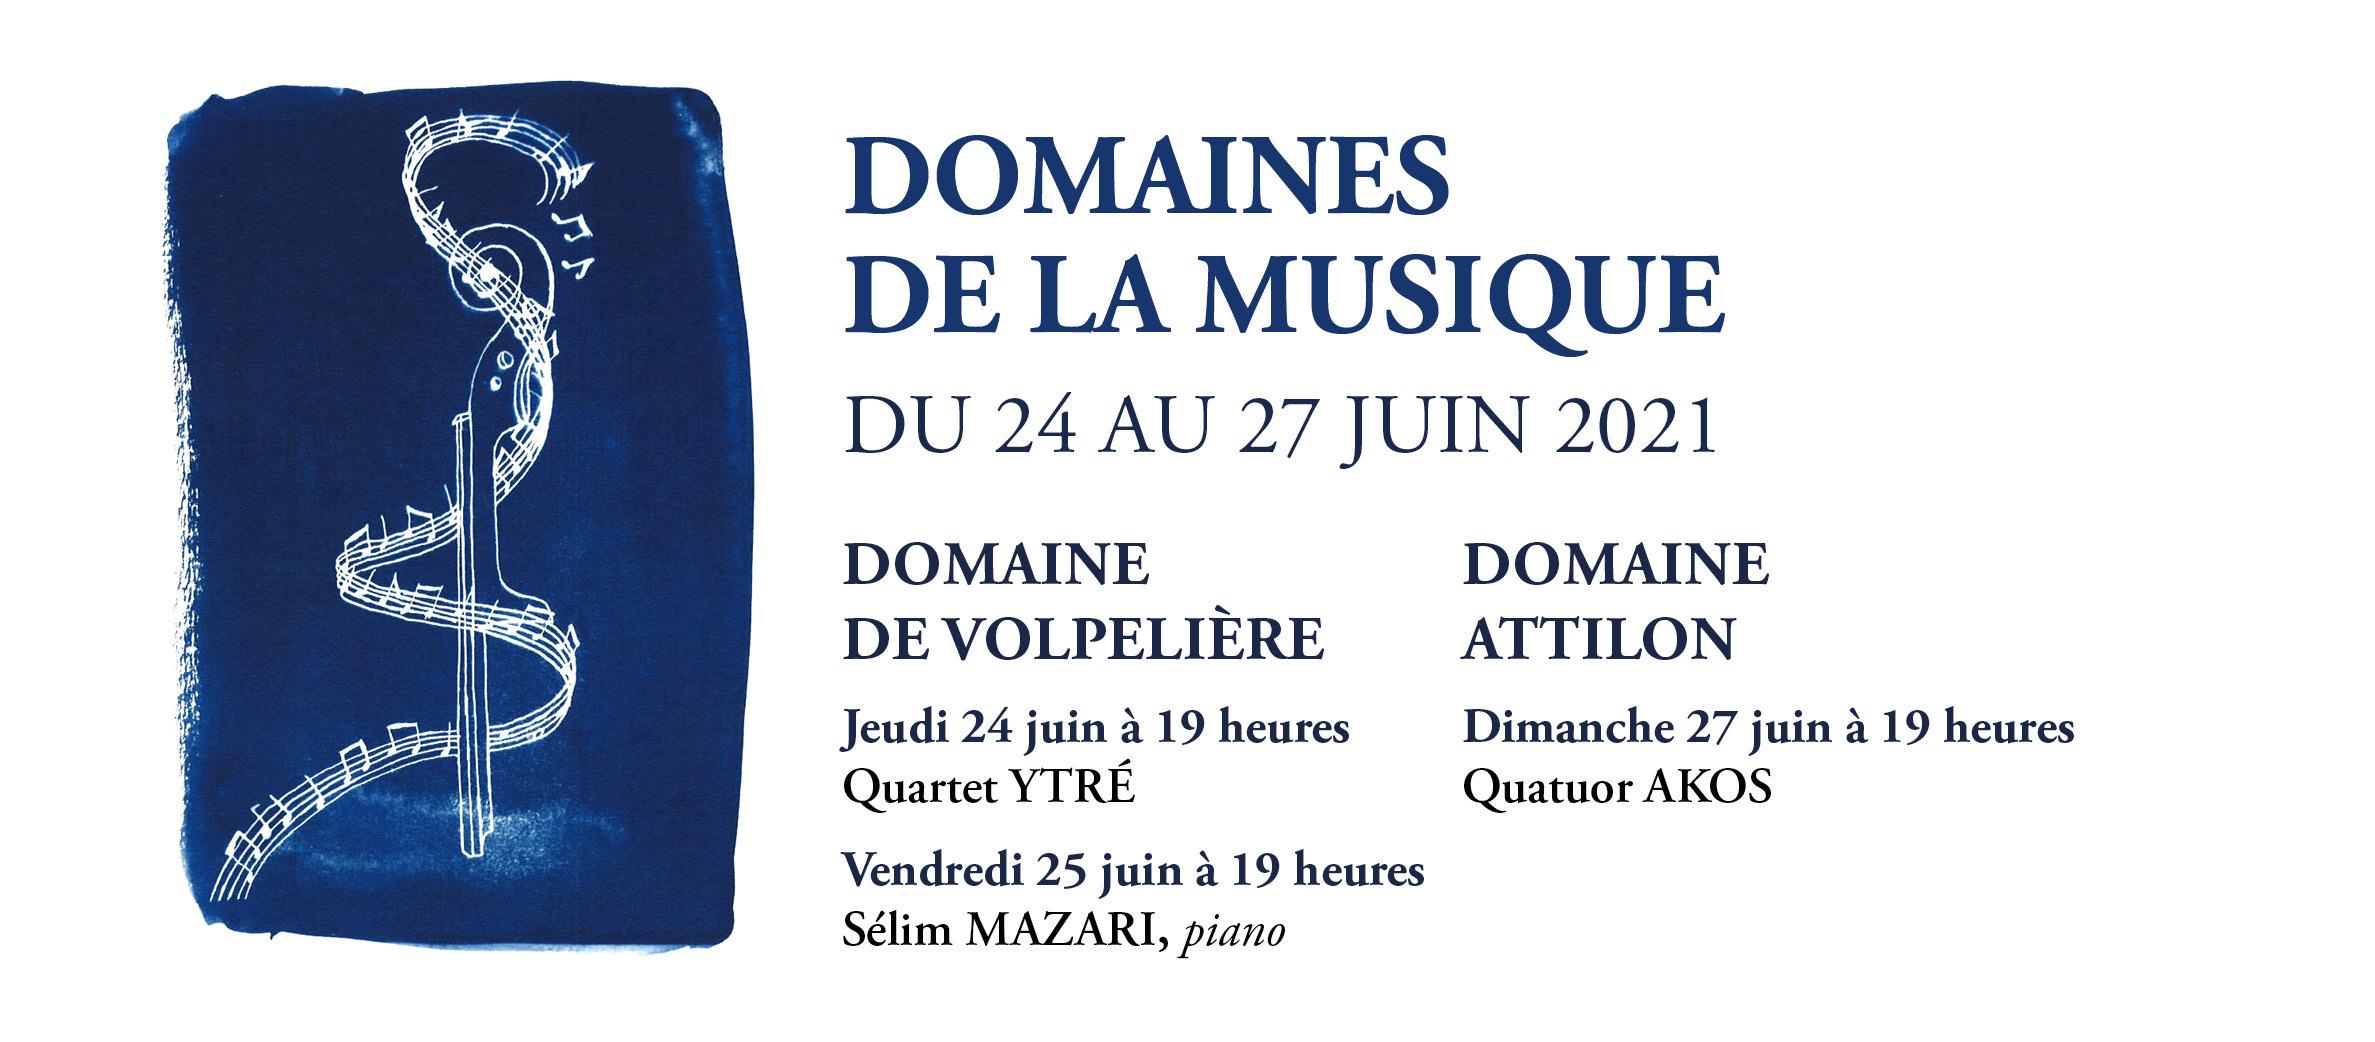 Concerts exceptionnels organisés par l'Association du Méjan en plein air au Domaine de Volpelière et au Domaine Attilon